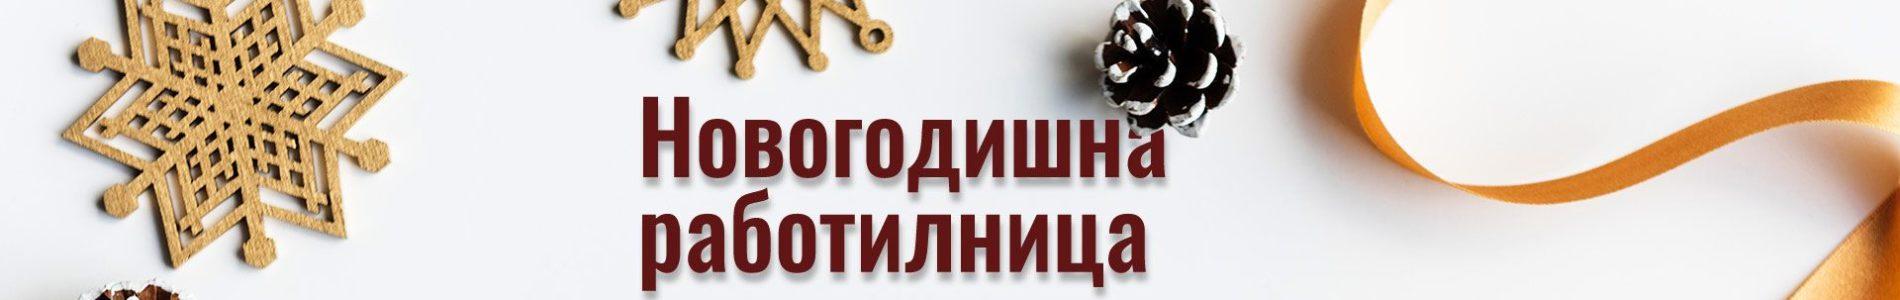 novagodina2019